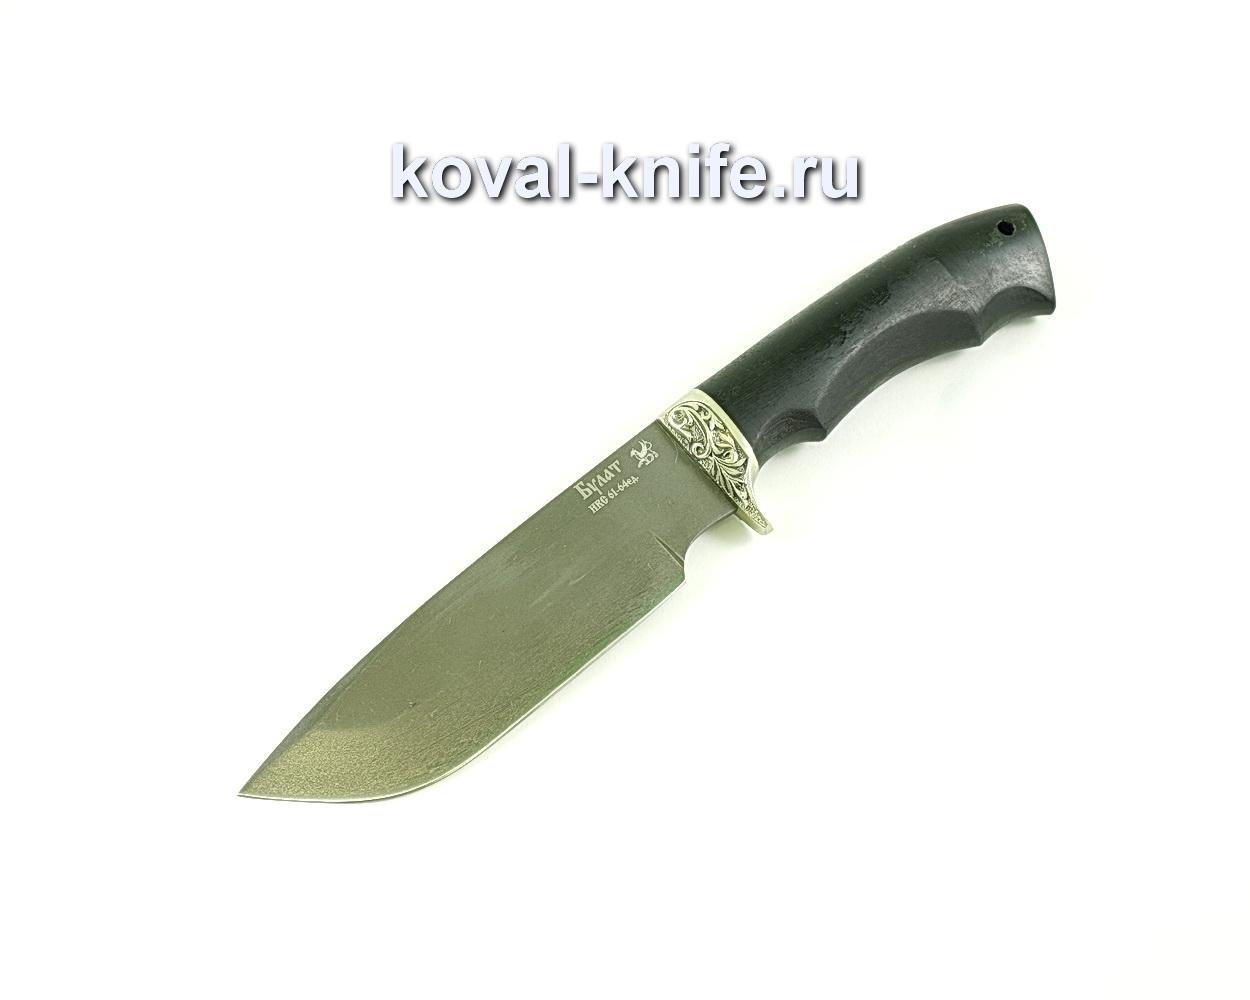 Нож Барс (сталь булат), рукоять граб, литье A088